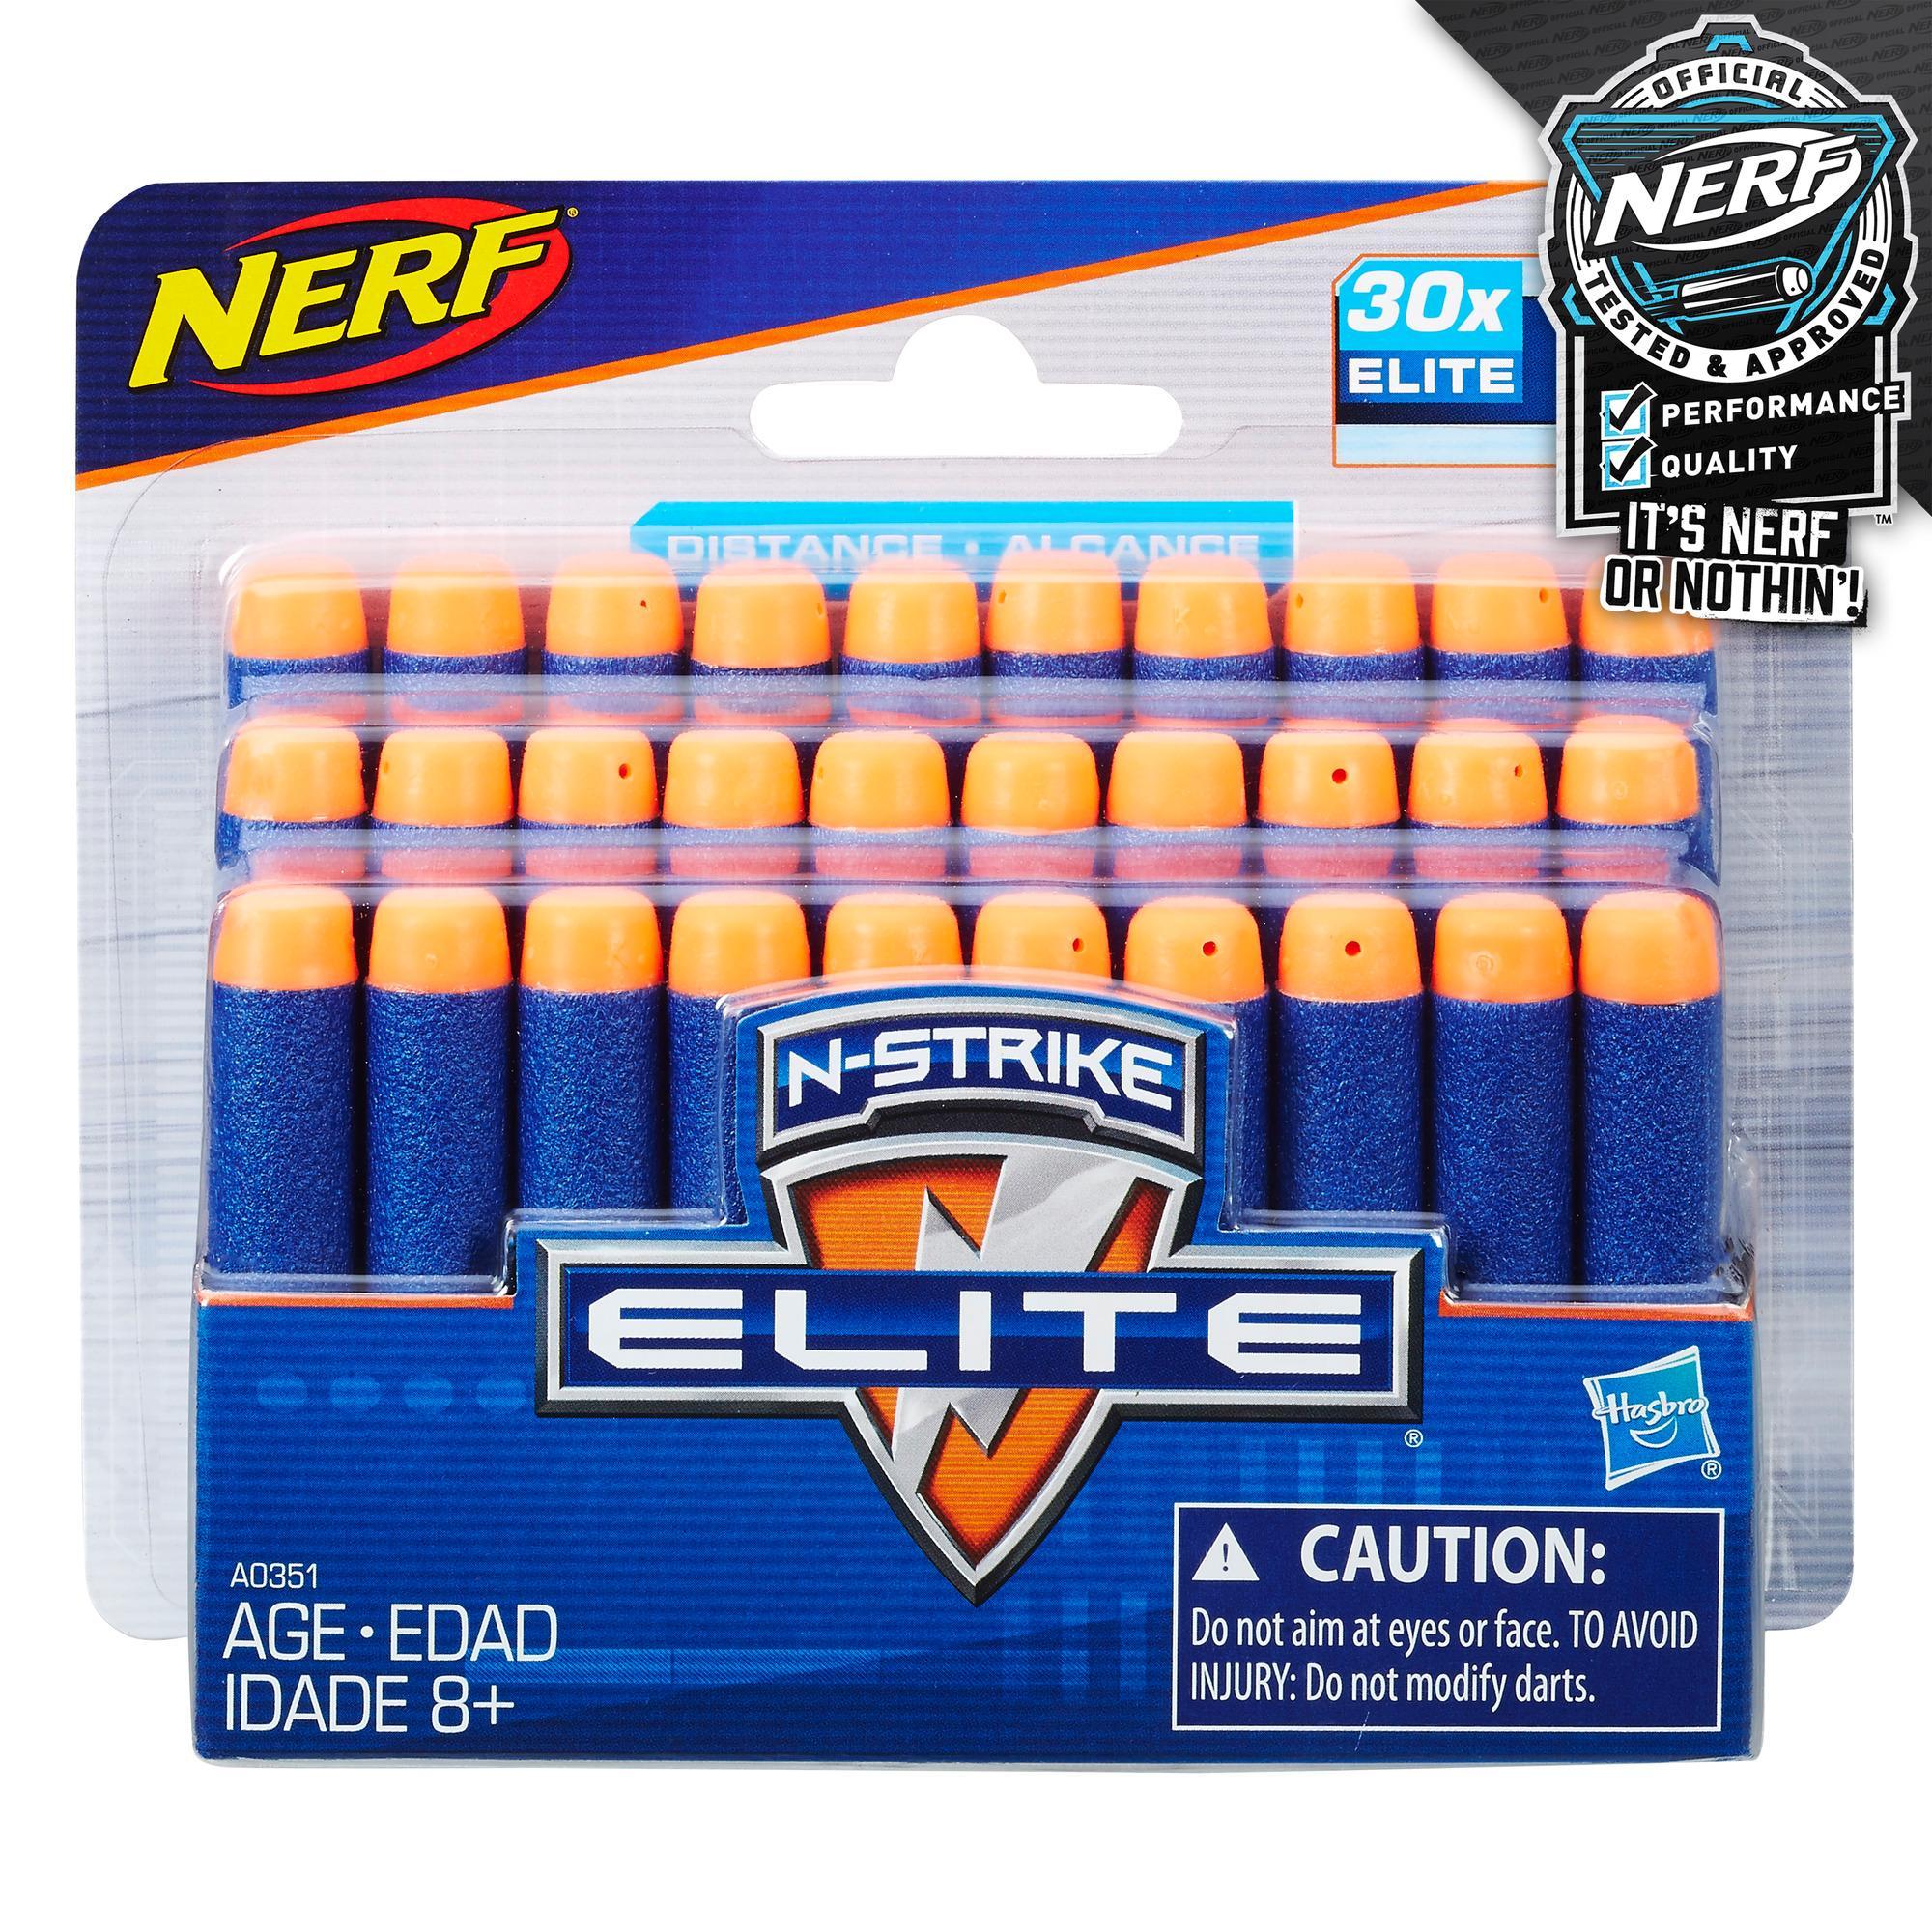 Nerf N-Strike Elite Dart Refill (30 pack)